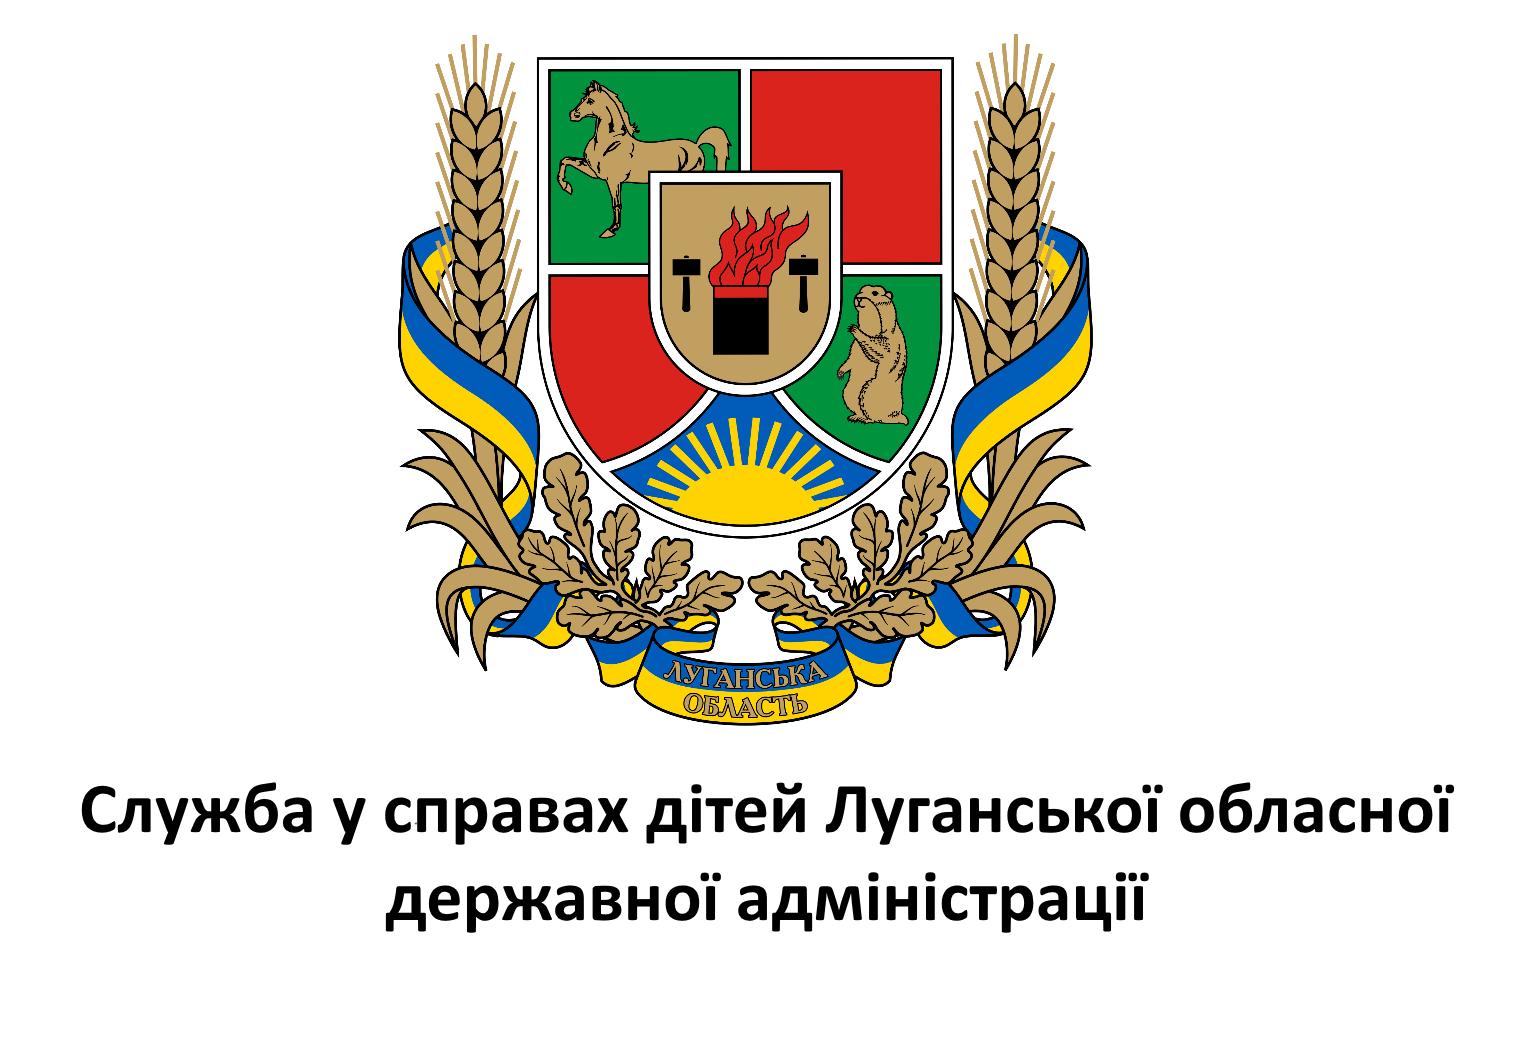 sluzhba-u-spravakh-ditei-luhanskoyi-oblderzhadministratsiyi